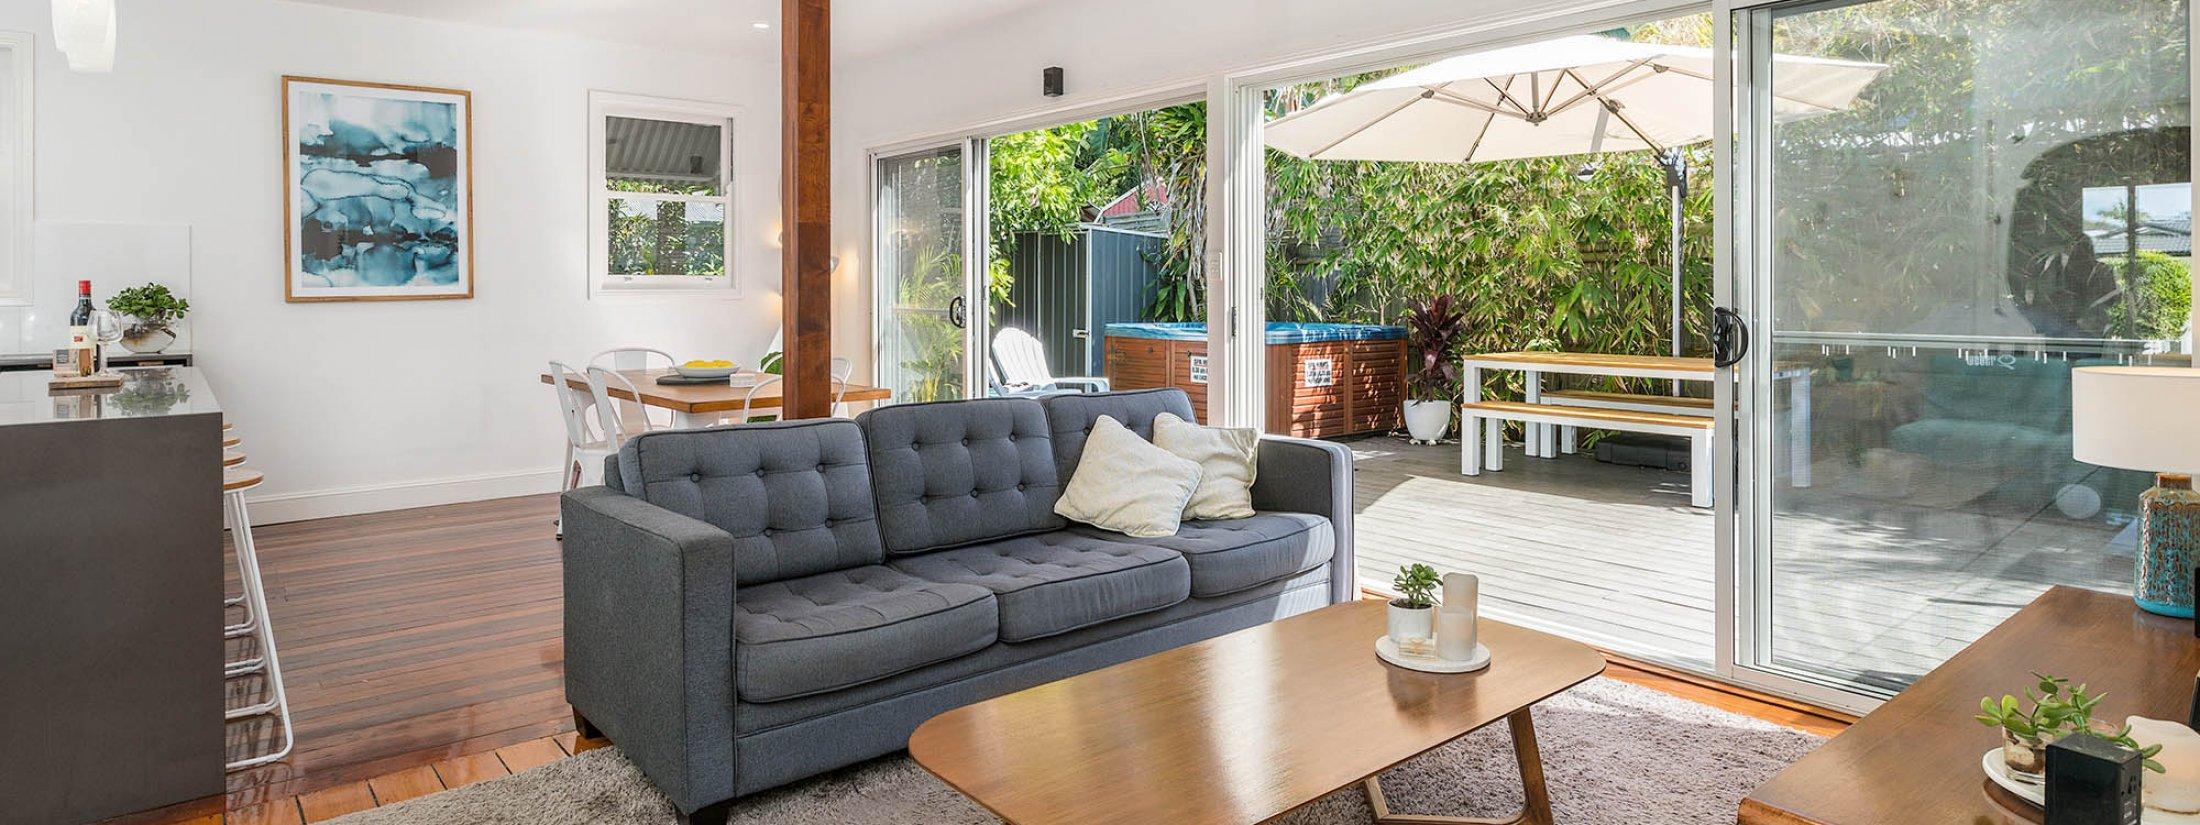 Aaloka Bay - Byron Bay - Lounge towards deck area